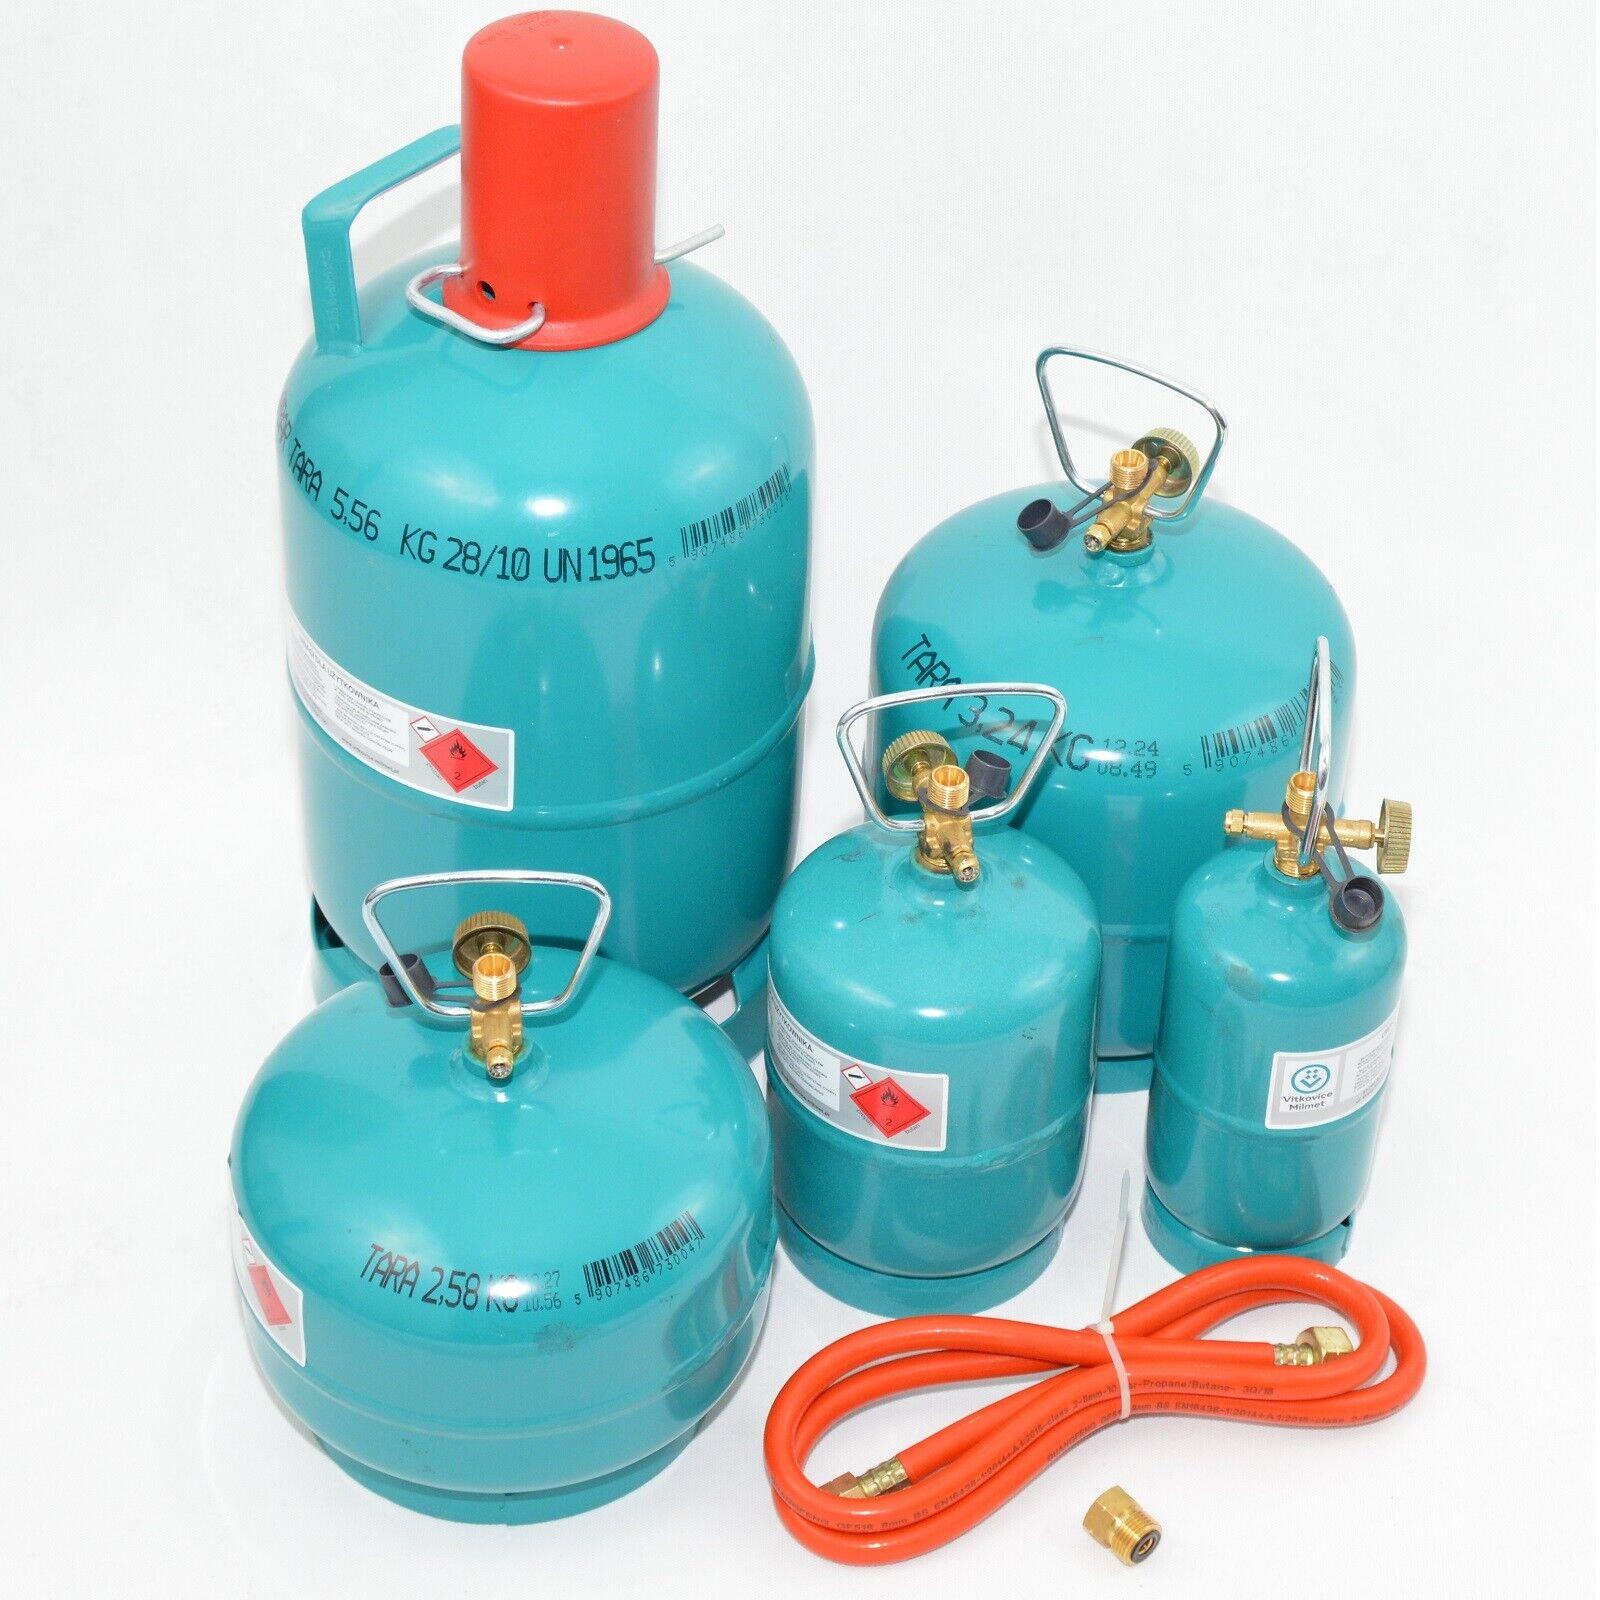 Leere befüllbare Gasflasche Propan Butan Grill Camping Umfüllschlauch 0.5 - 5kg